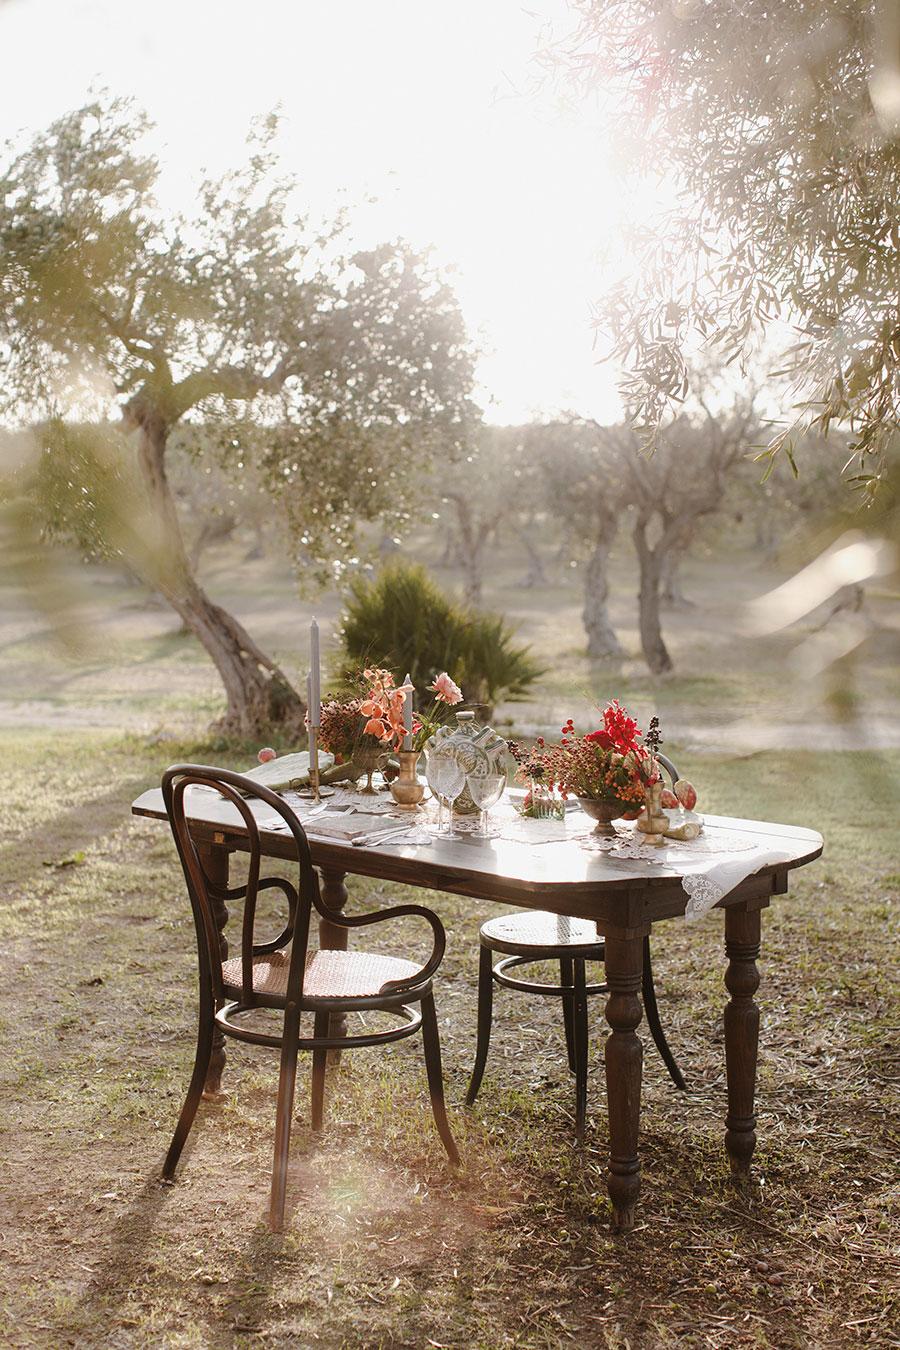 A_Sicilian_Romance_01